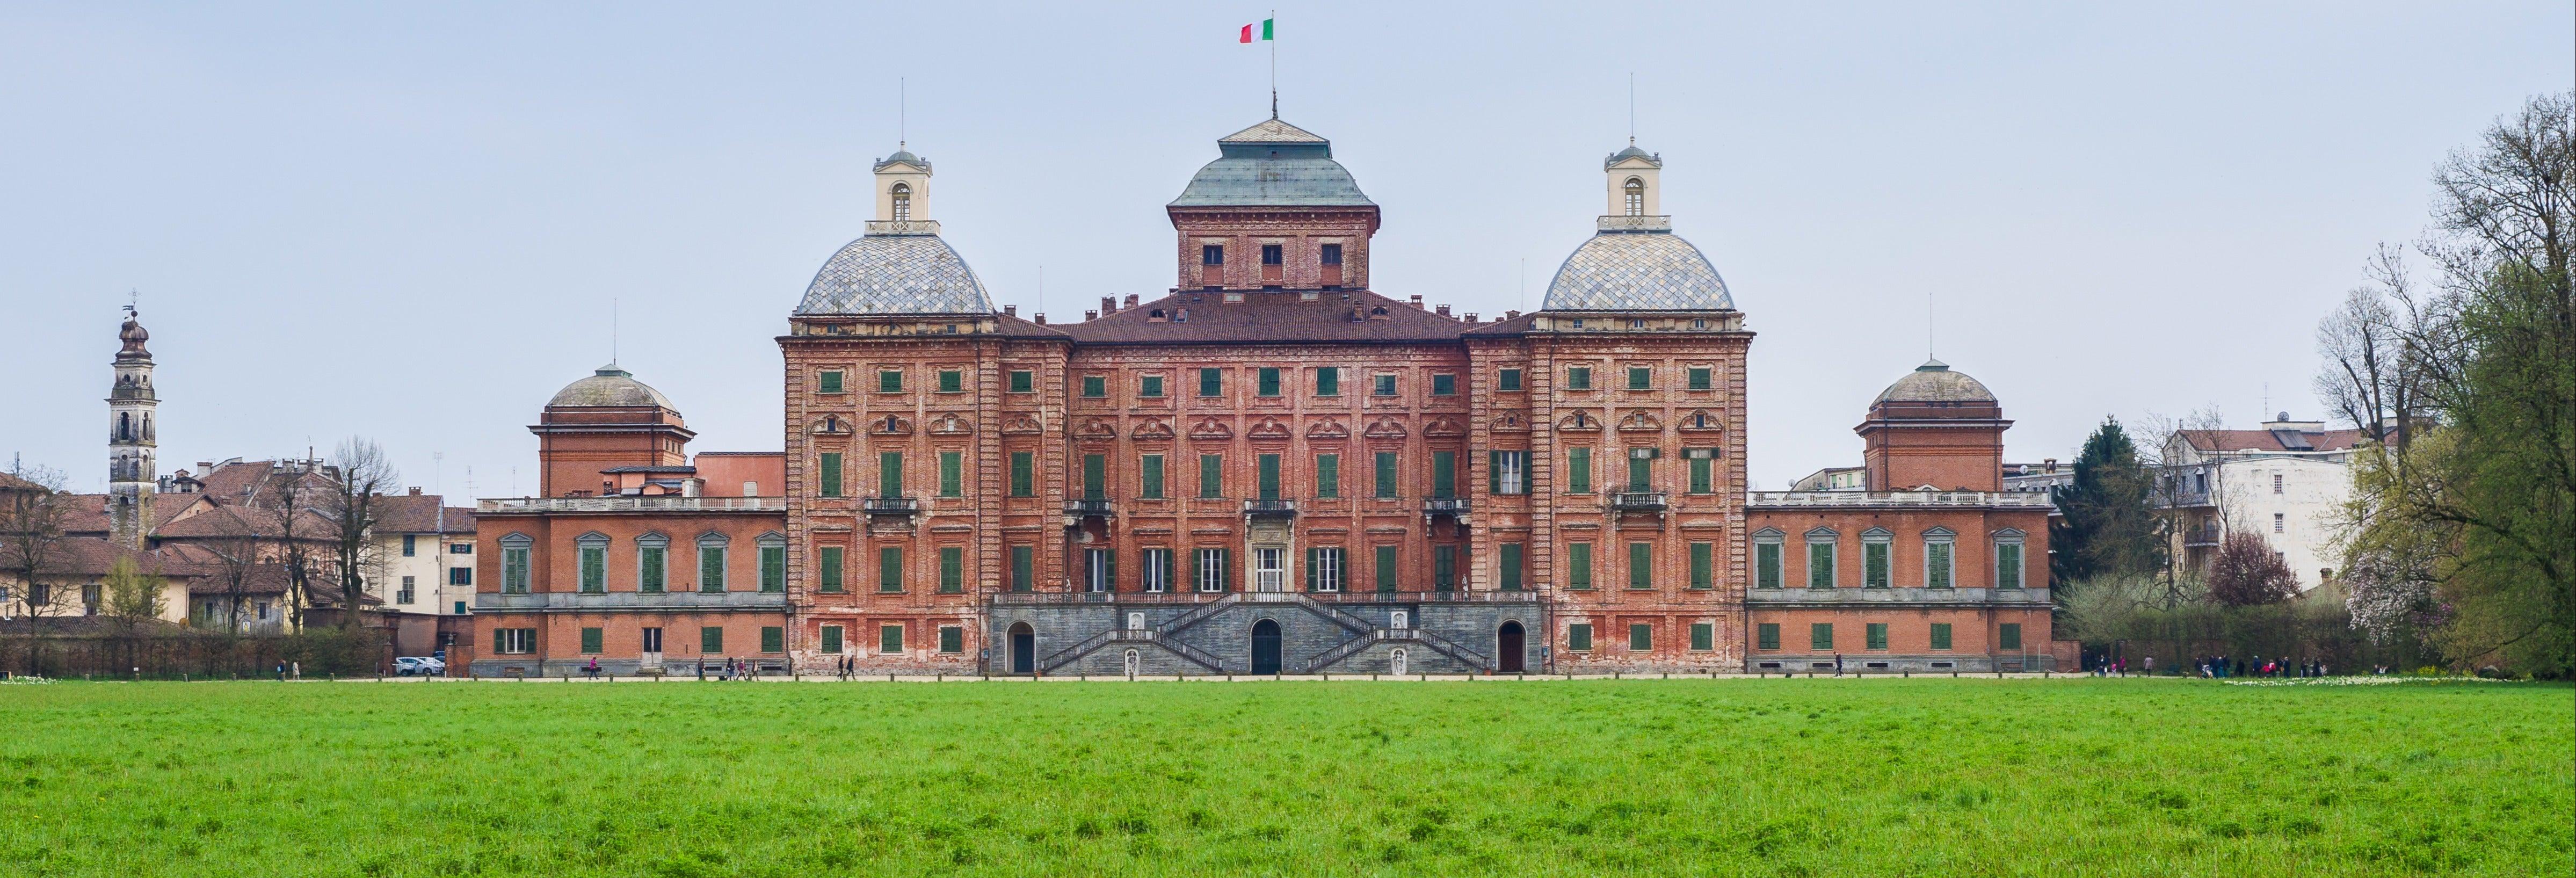 Visita guidata di Racconigi e del Castello Reale